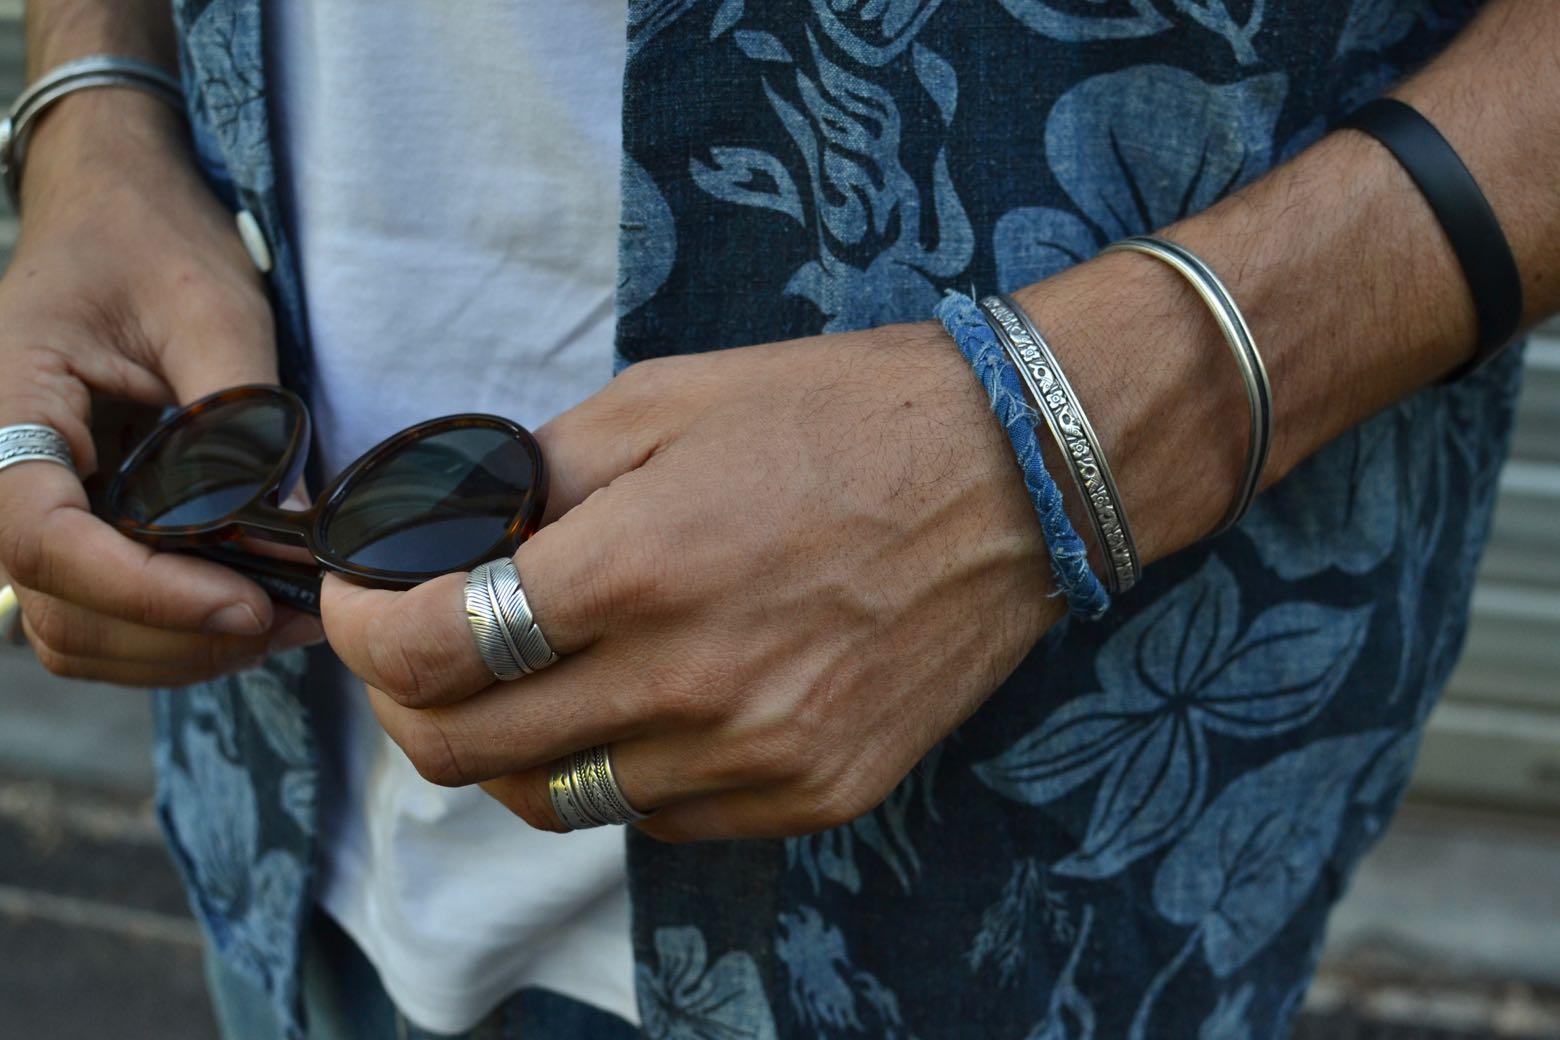 bijoux pour homme - bracelet borali en tissu recyclé et tressé à la main - made in france